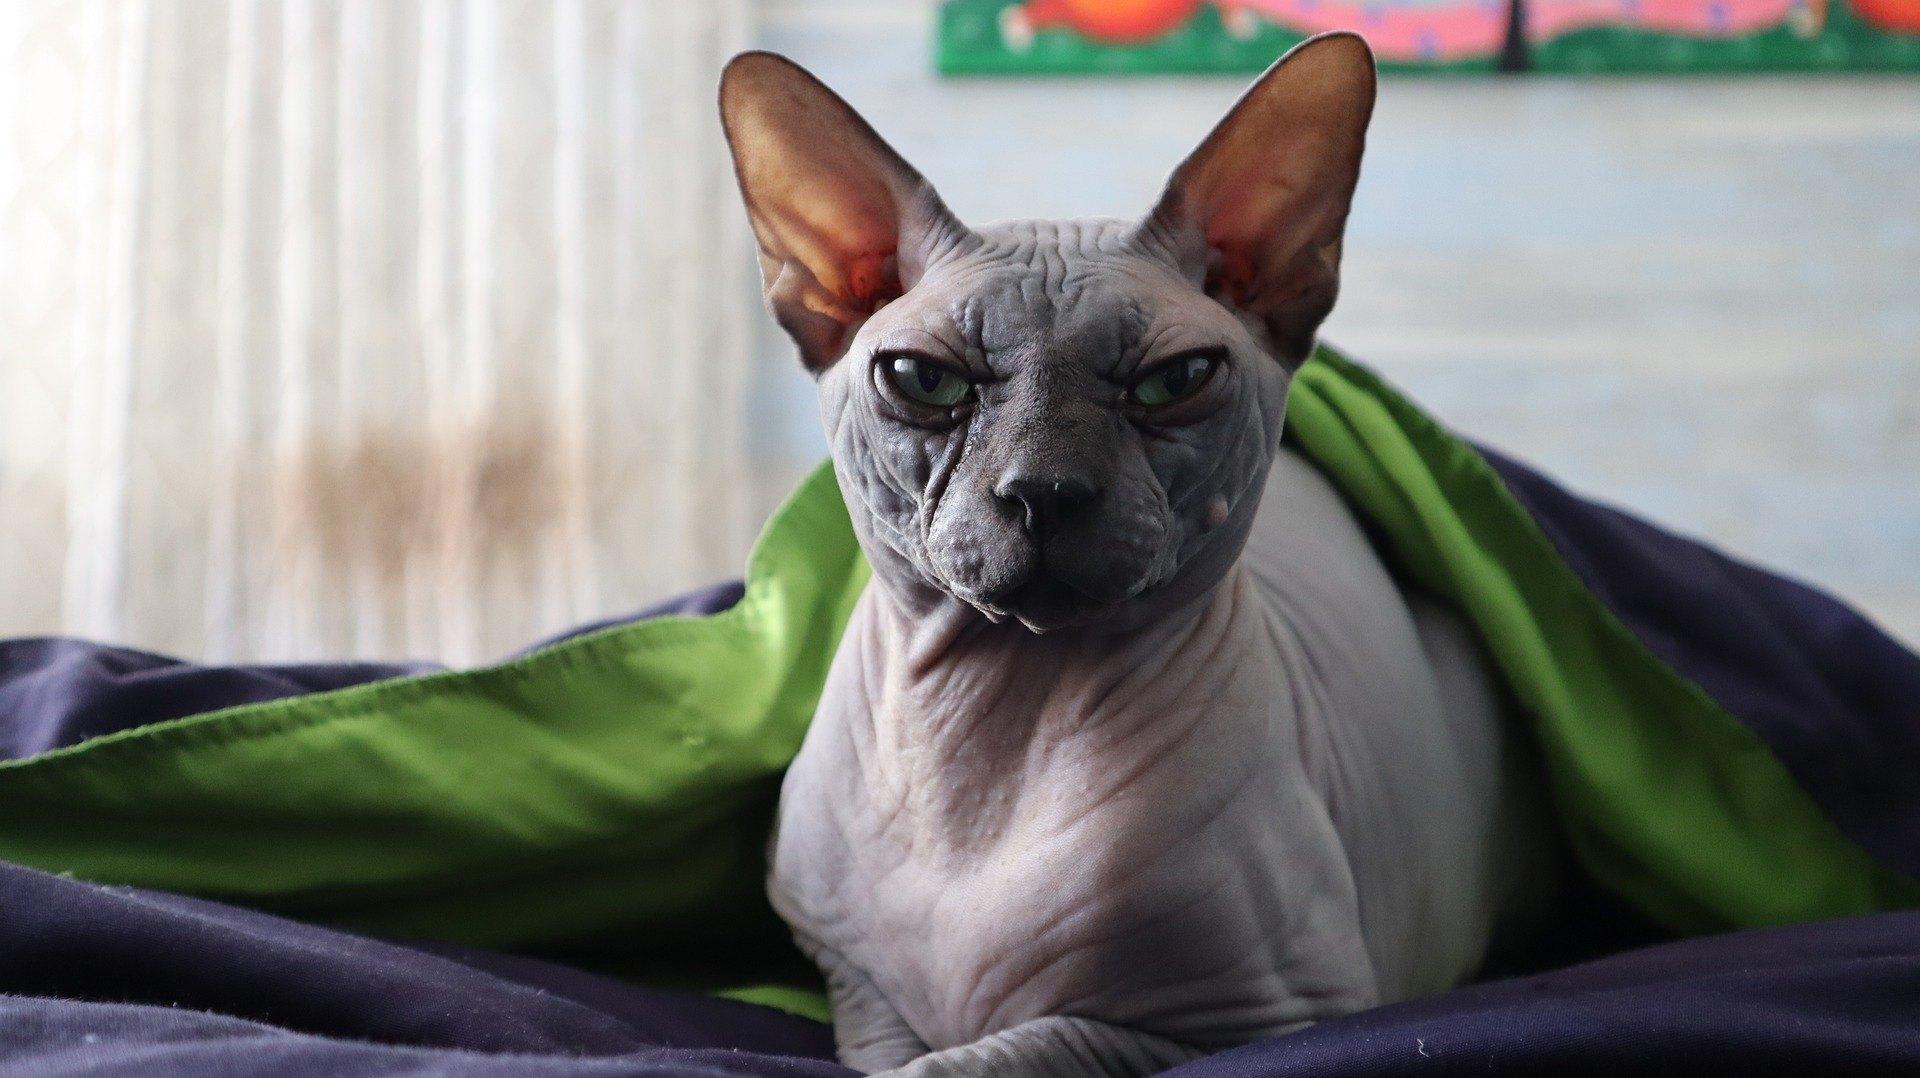 Plešaté kočky (bezsrsté) vznikly v důsledku spontánní genetické mutace.